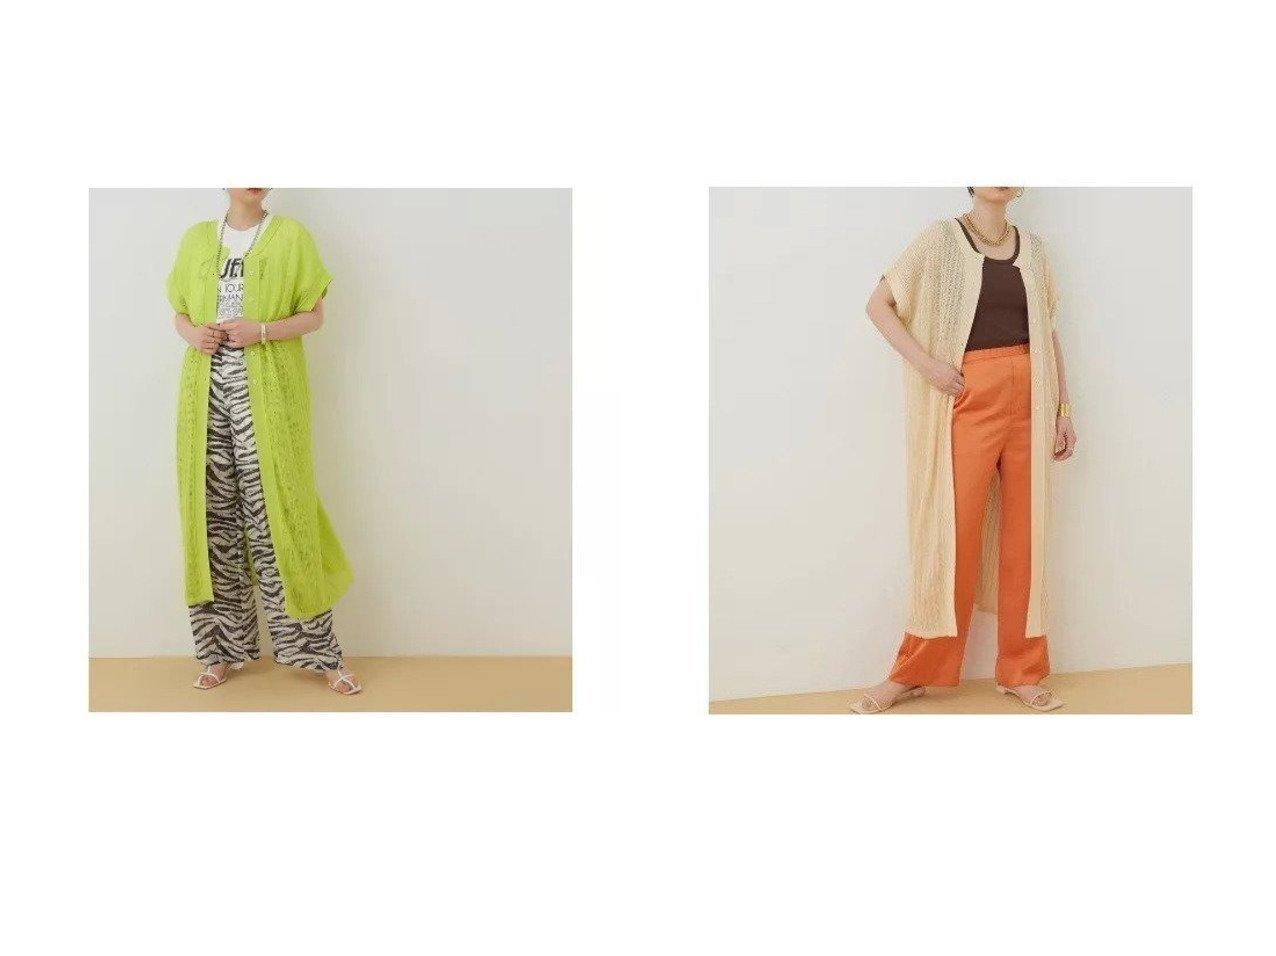 【ADAM ET ROPE'/アダム エ ロペ】の柄編みニット2WAYワンピース 【ワンピース・ドレス】おすすめ!人気、トレンド・レディースファッションの通販 おすすめで人気の流行・トレンド、ファッションの通販商品 インテリア・家具・メンズファッション・キッズファッション・レディースファッション・服の通販 founy(ファニー) https://founy.com/ ファッション Fashion レディースファッション WOMEN ワンピース Dress インナー 春 Spring サテン 透かし タンク ボトム ポケット 半袖 2021年 2021 S/S・春夏 SS・Spring/Summer 2021春夏・S/S SS/Spring/Summer/2021 おすすめ Recommend 夏 Summer  ID:crp329100000049482